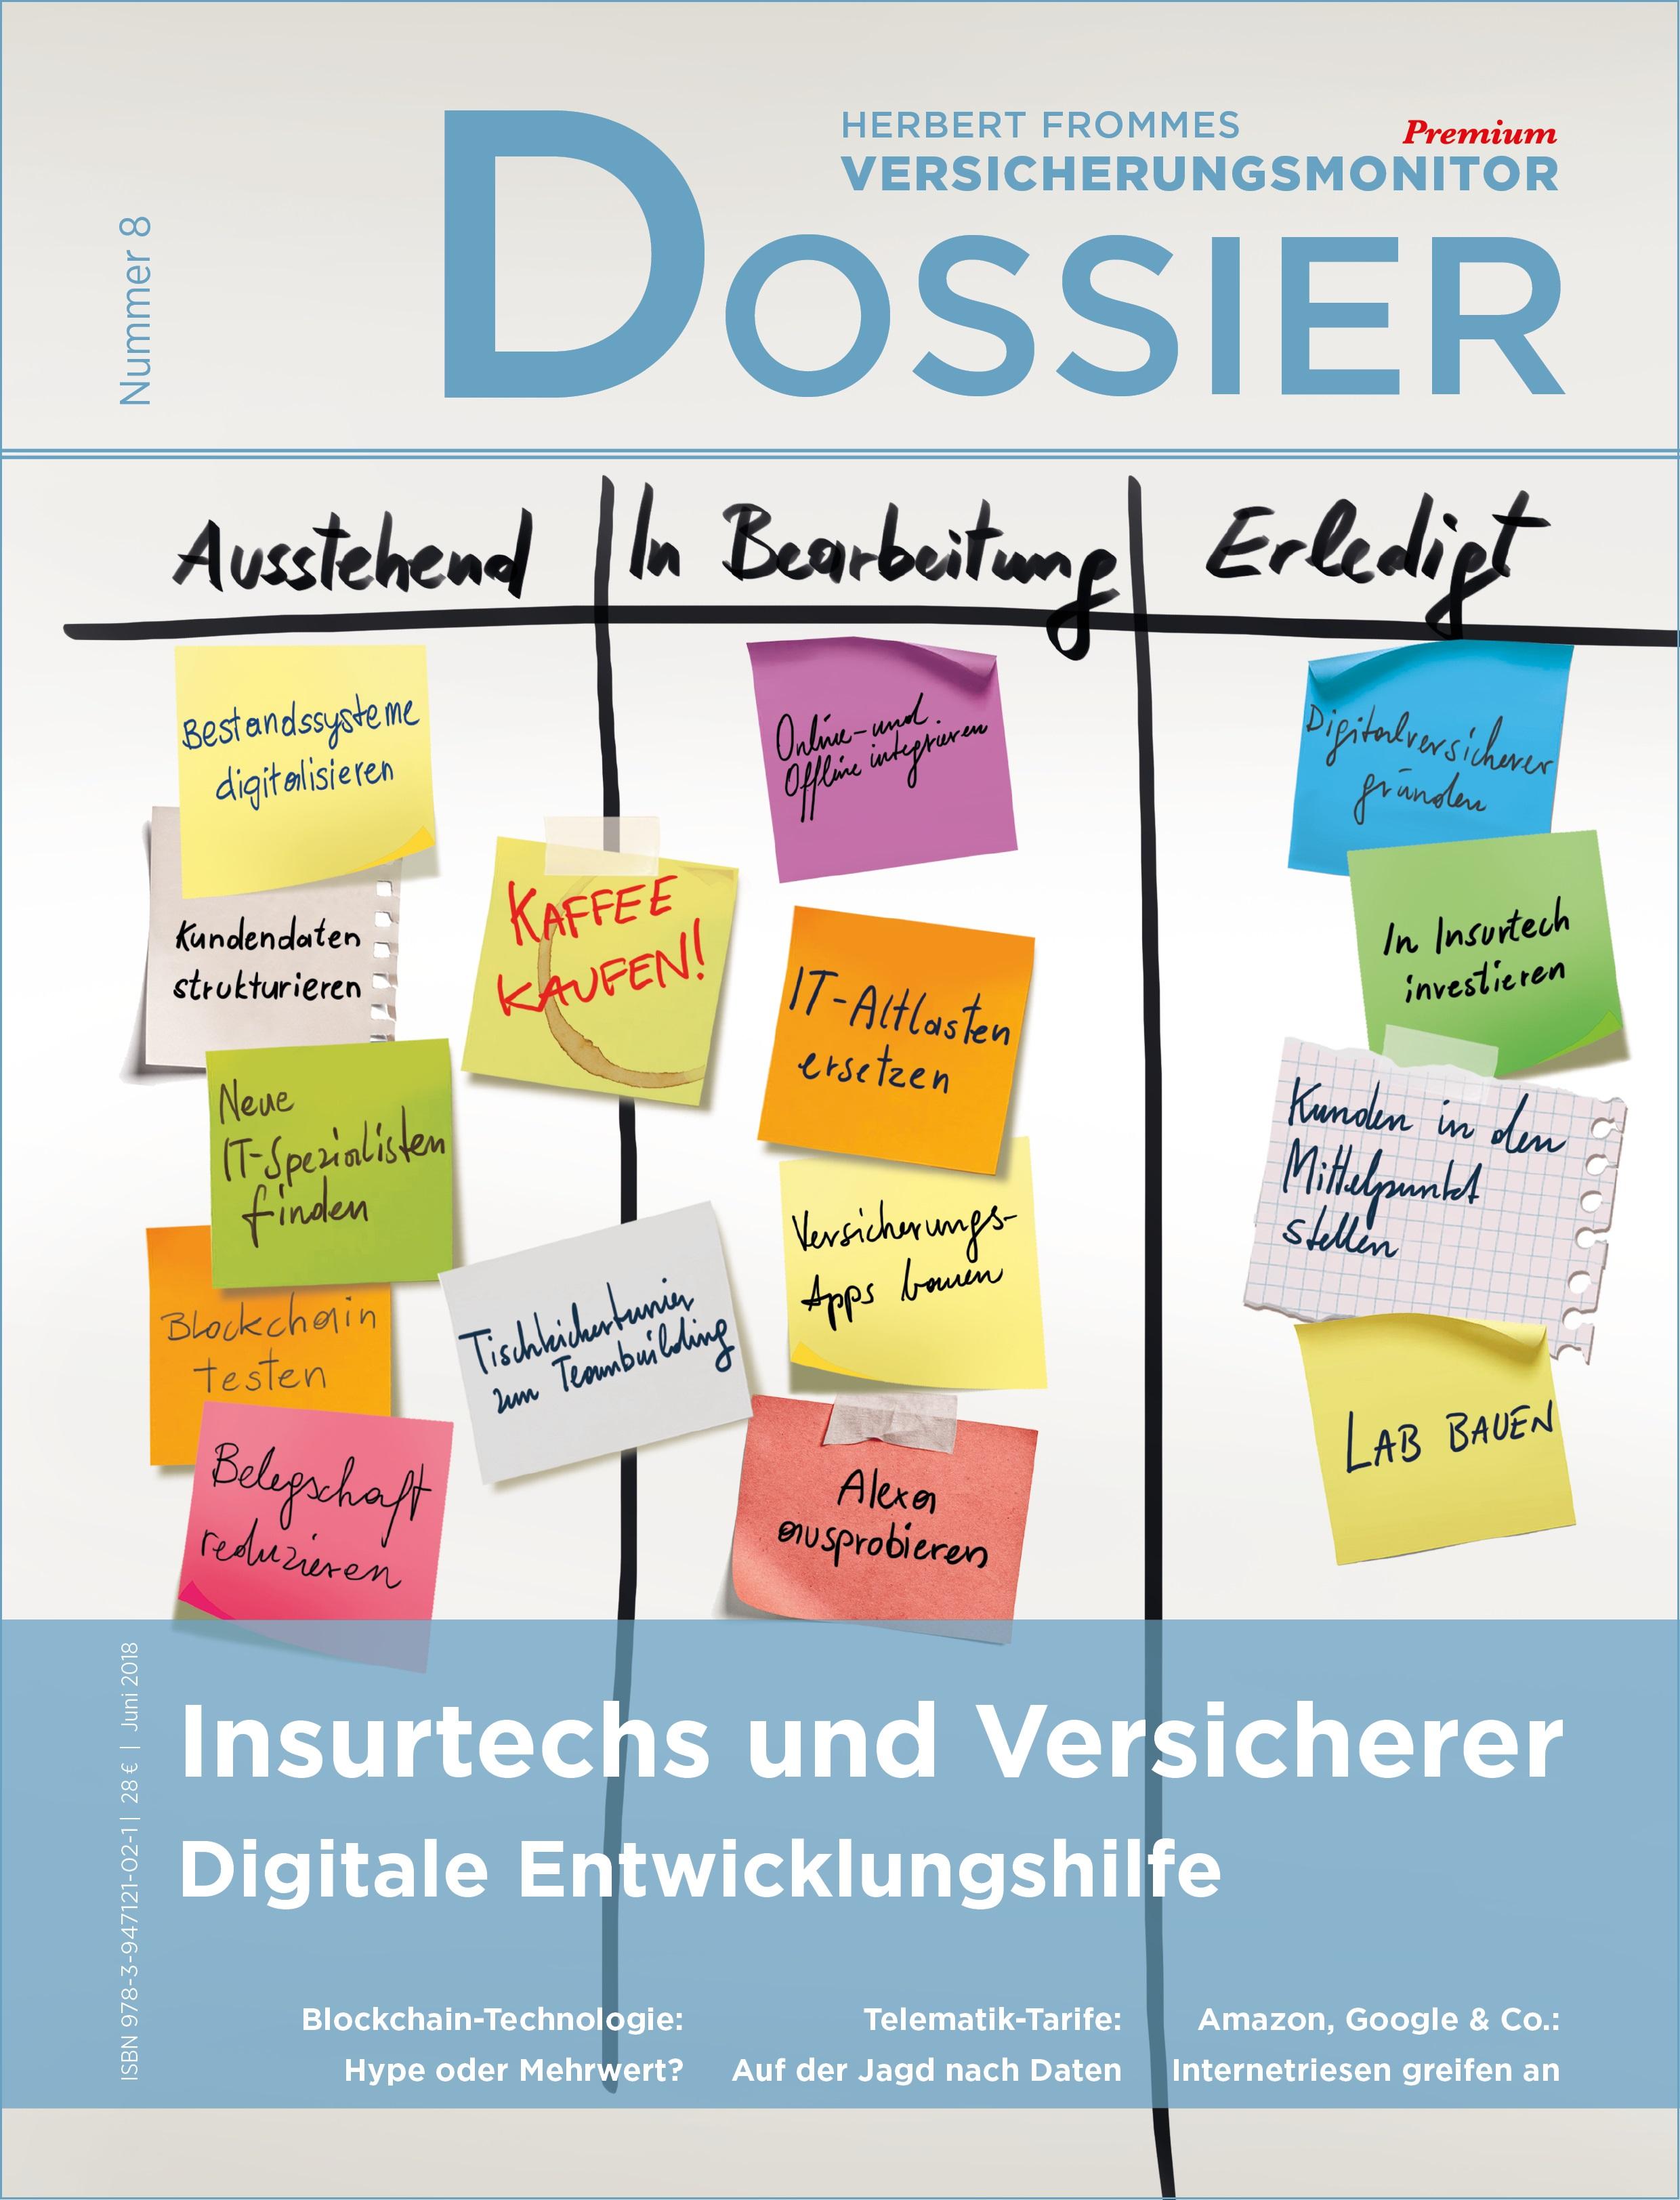 Dossier 8: Insurtechs und Versicherer – Digitale Entwicklungshilfe